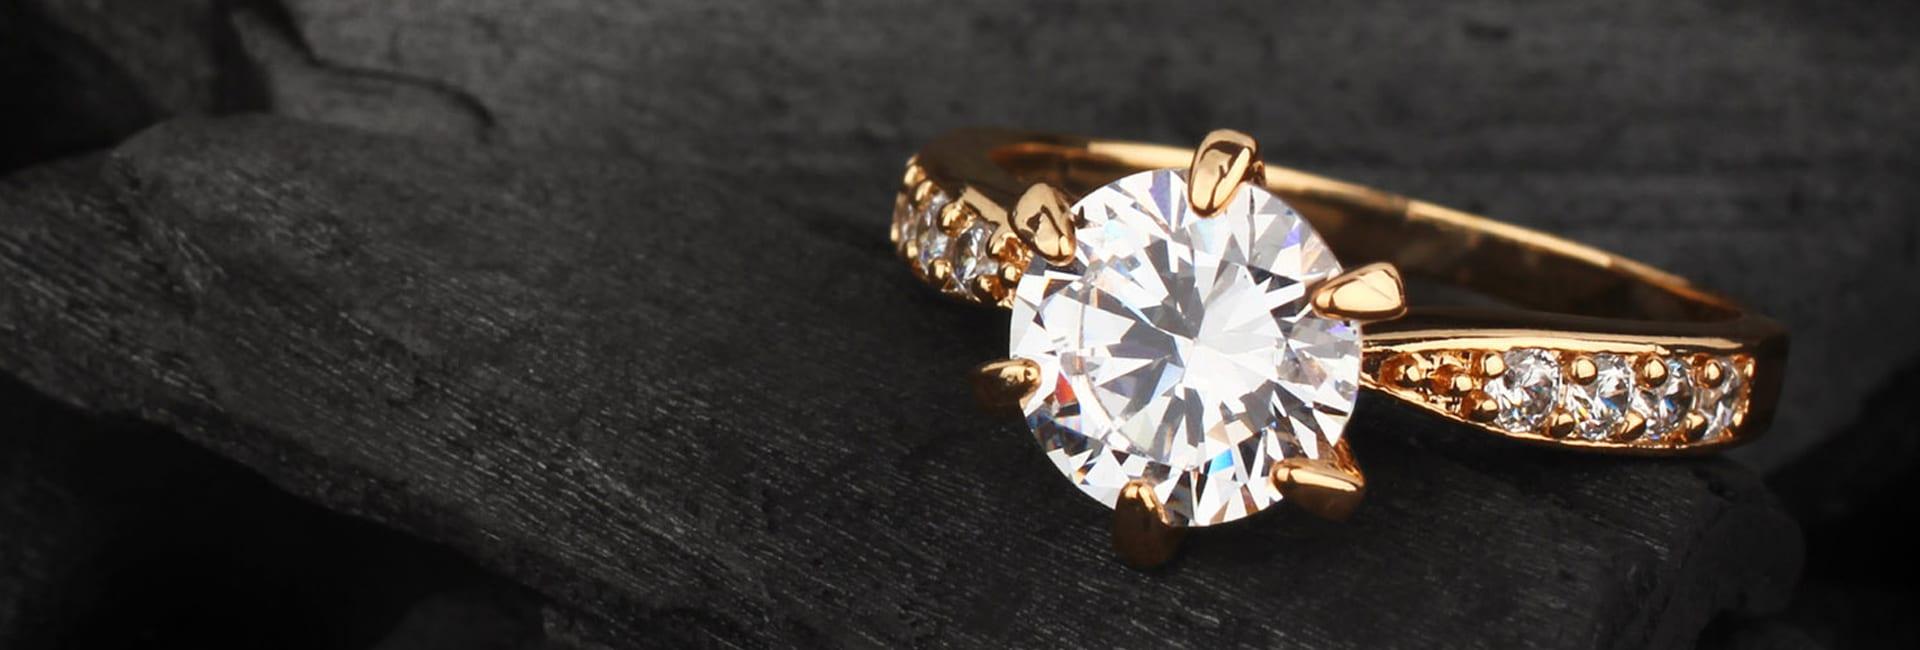 4f9fc13c1 Plánujete zásnuby? Poradíme vám, ako vybrať prsteň a miesto, kde by ...